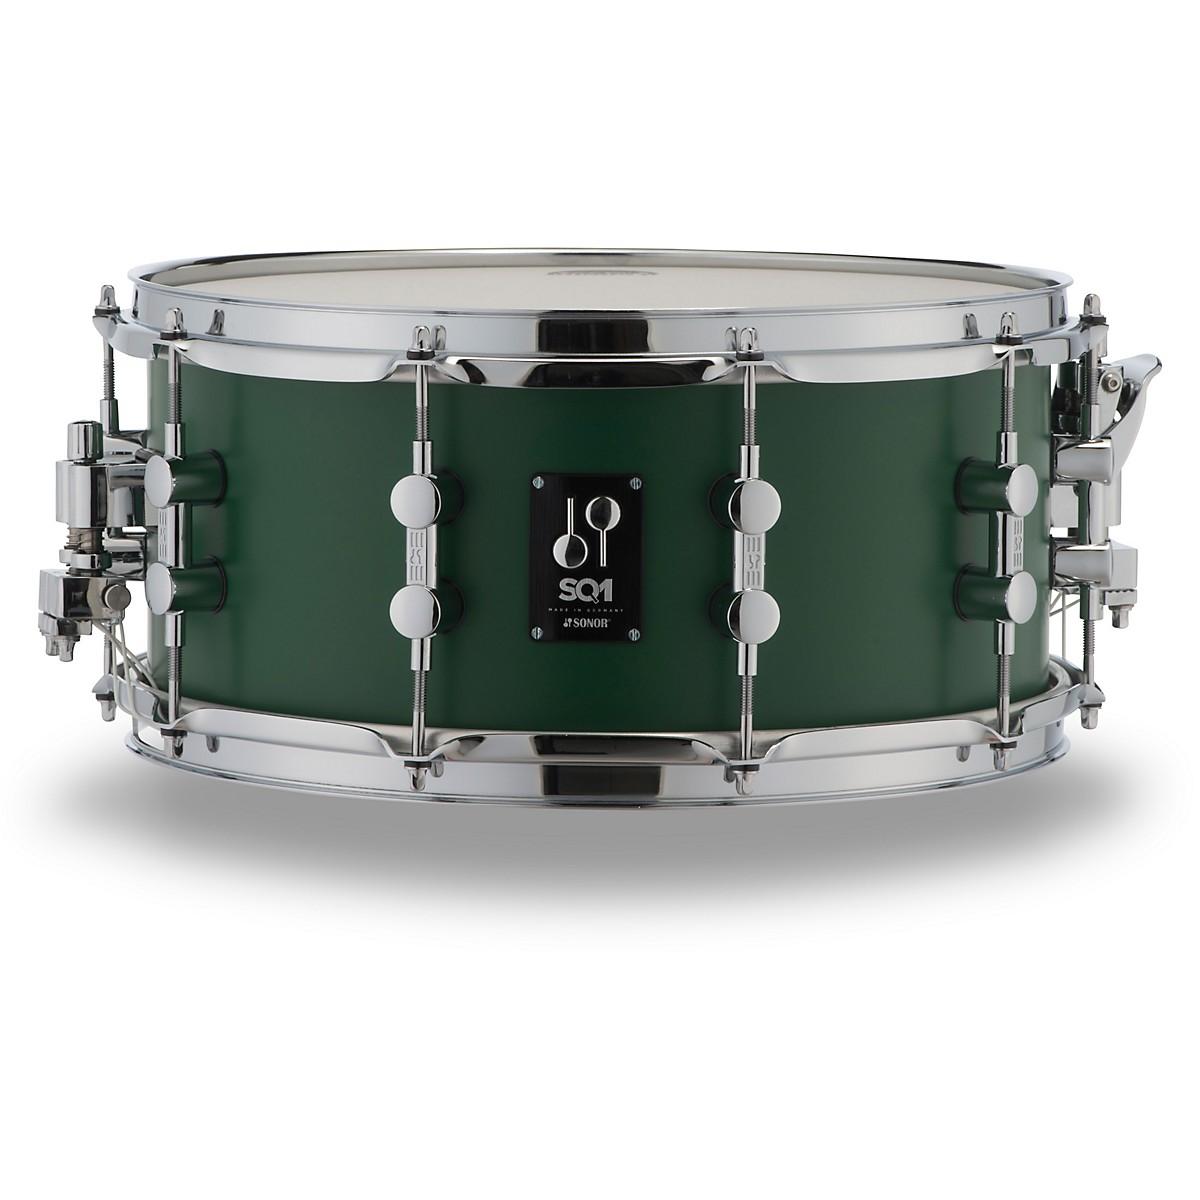 Sonor SQ1 Snare Drum